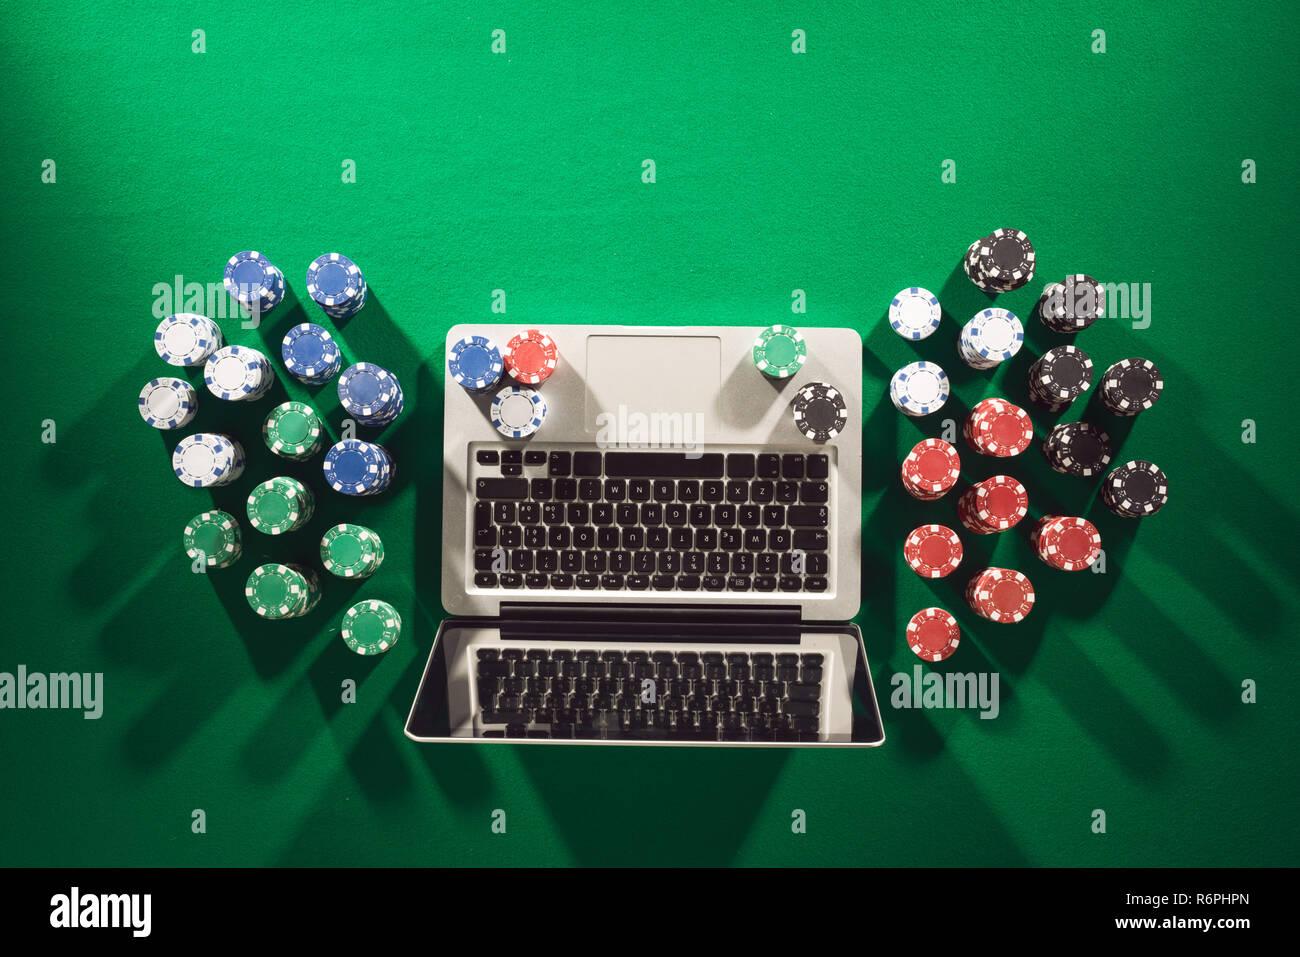 casino games online kostenlos ohne anmeldung